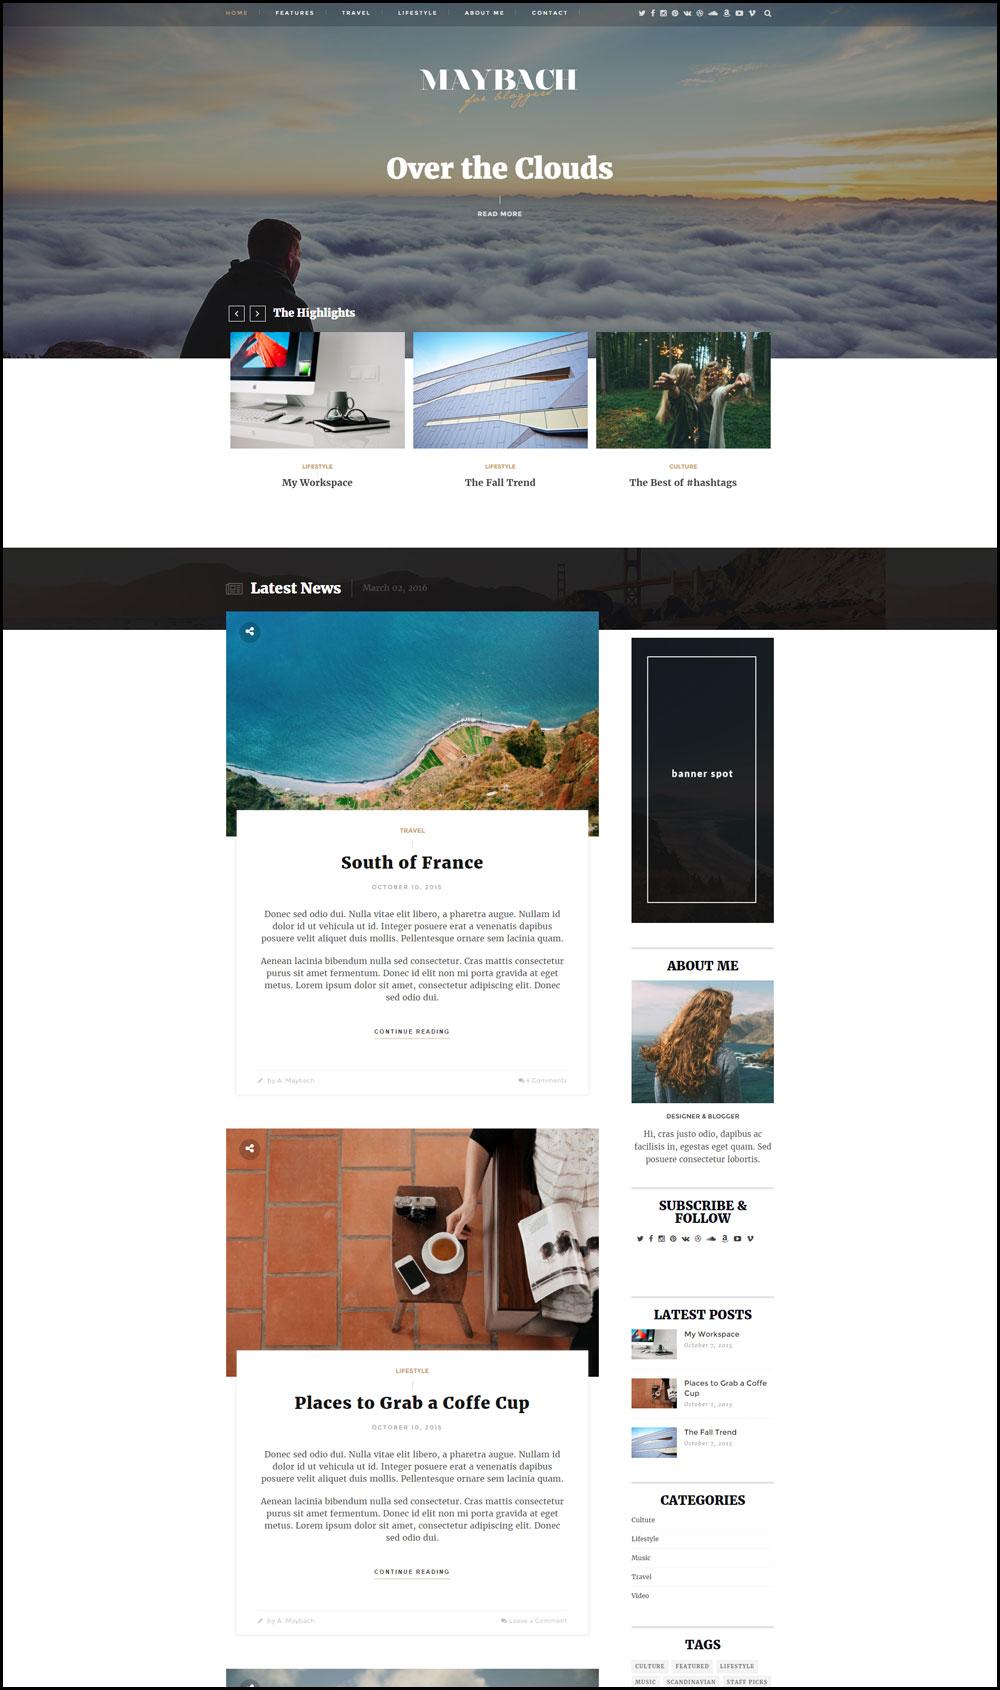 Maybach – A Responsive WordPress Blog Theme